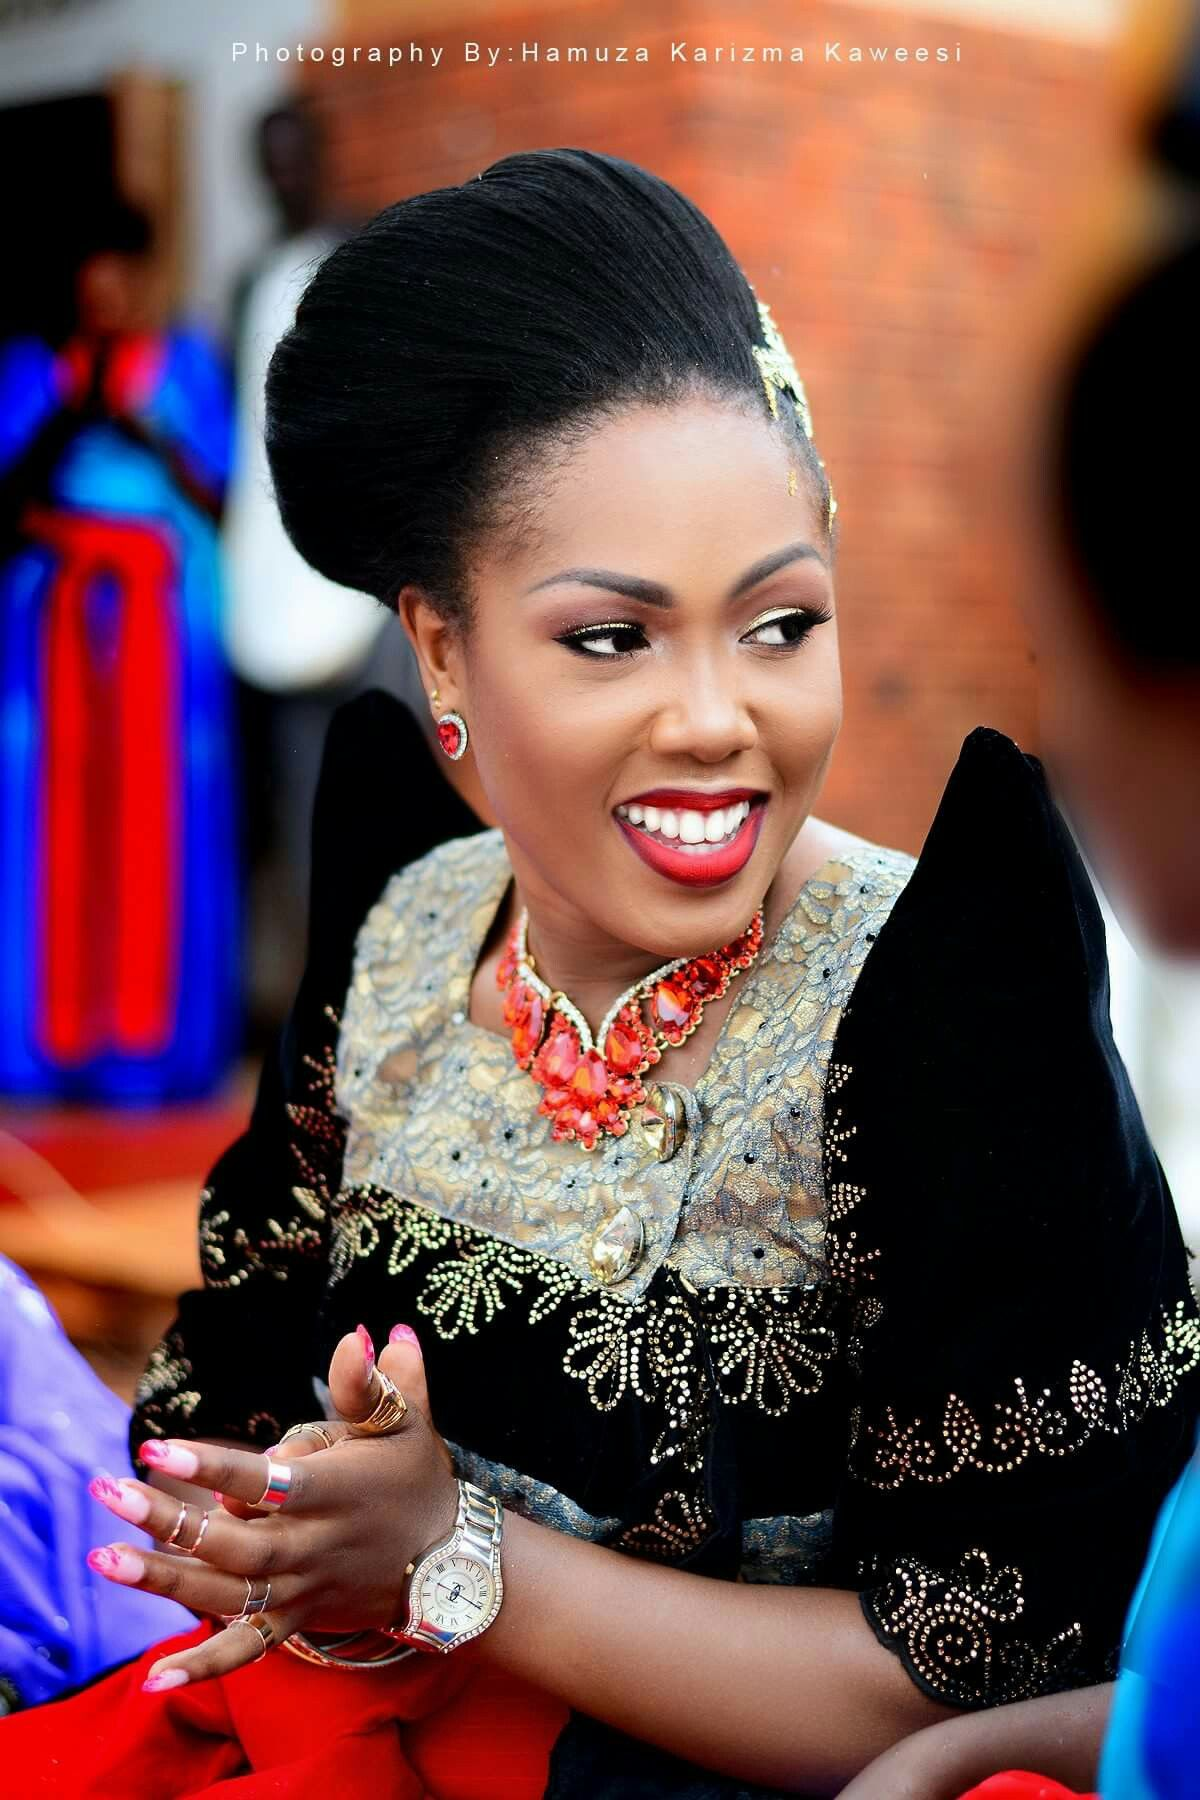 She z smart | African wedding, African attire, African dress